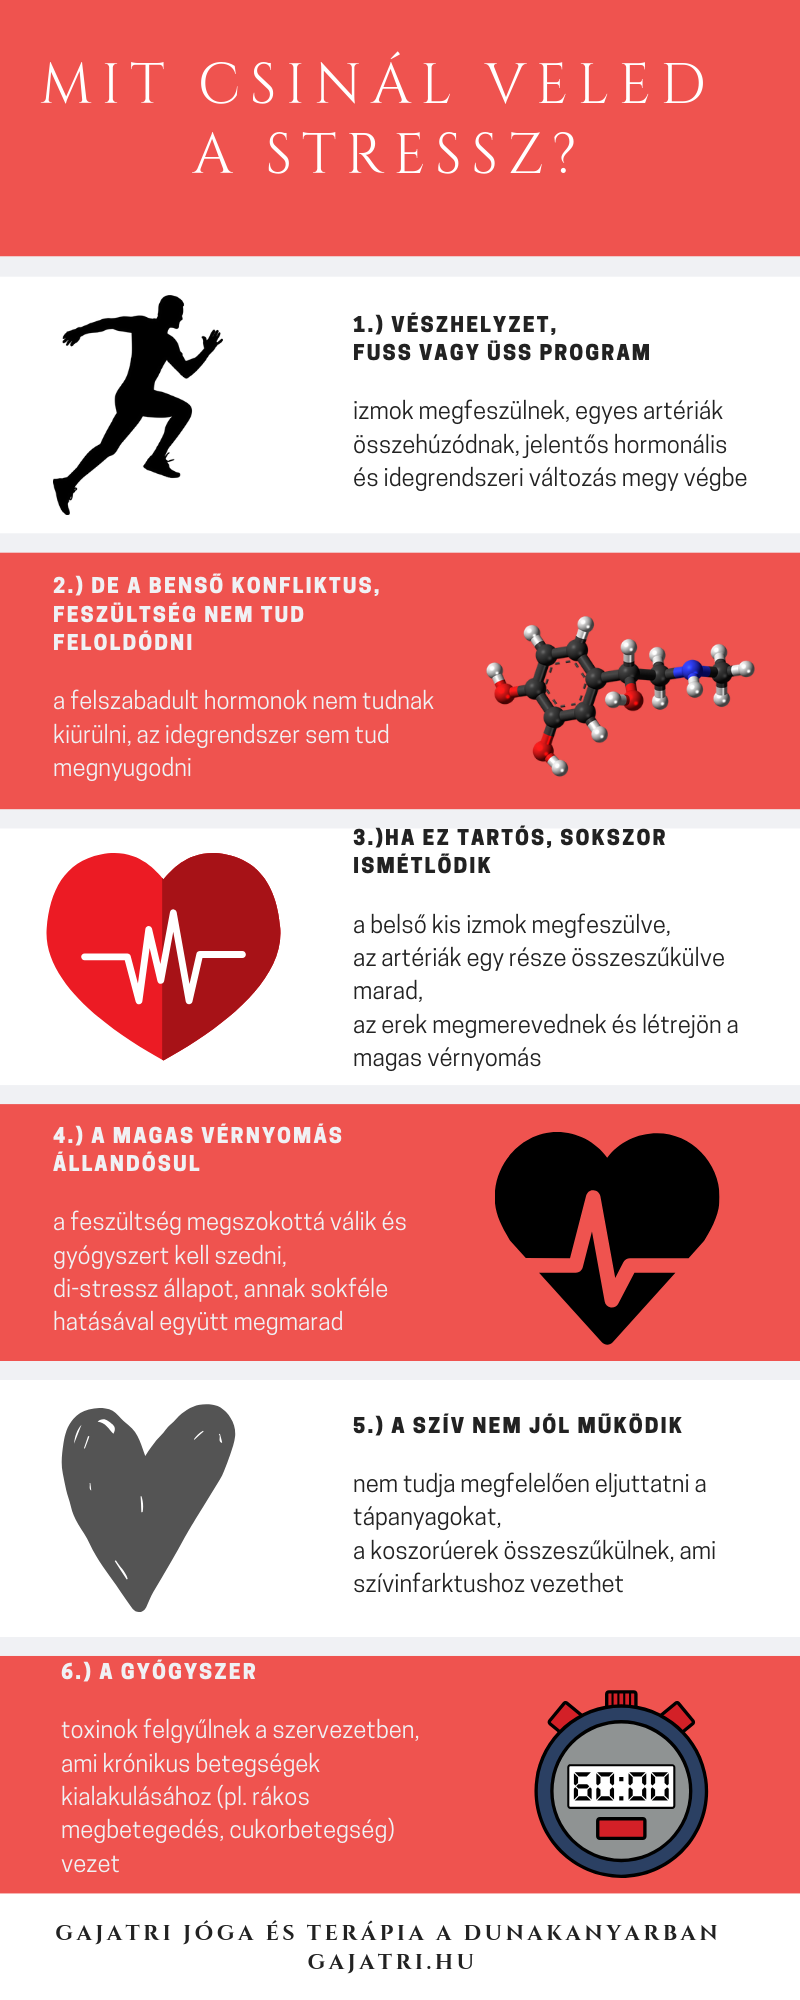 magas vérnyomás orvostechnikai eszköz